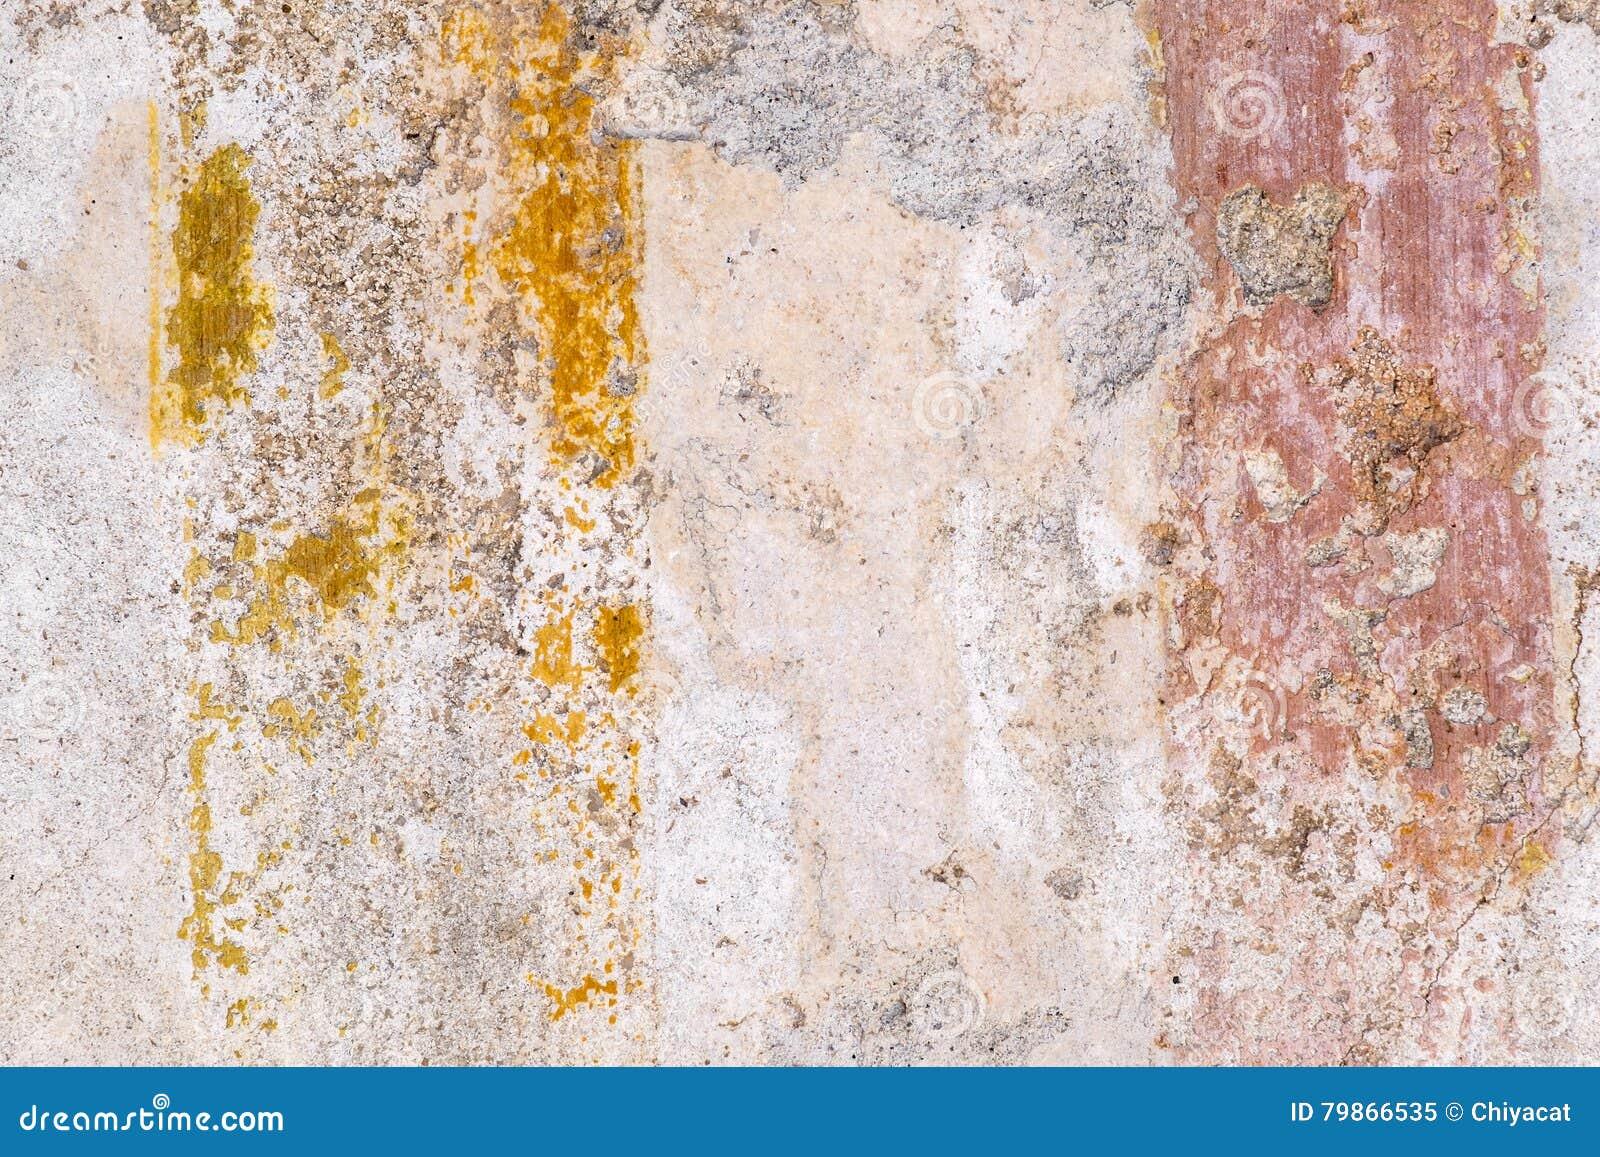 Texturas de las paredes del color de las ruinas antiguas - Texturas de paredes ...